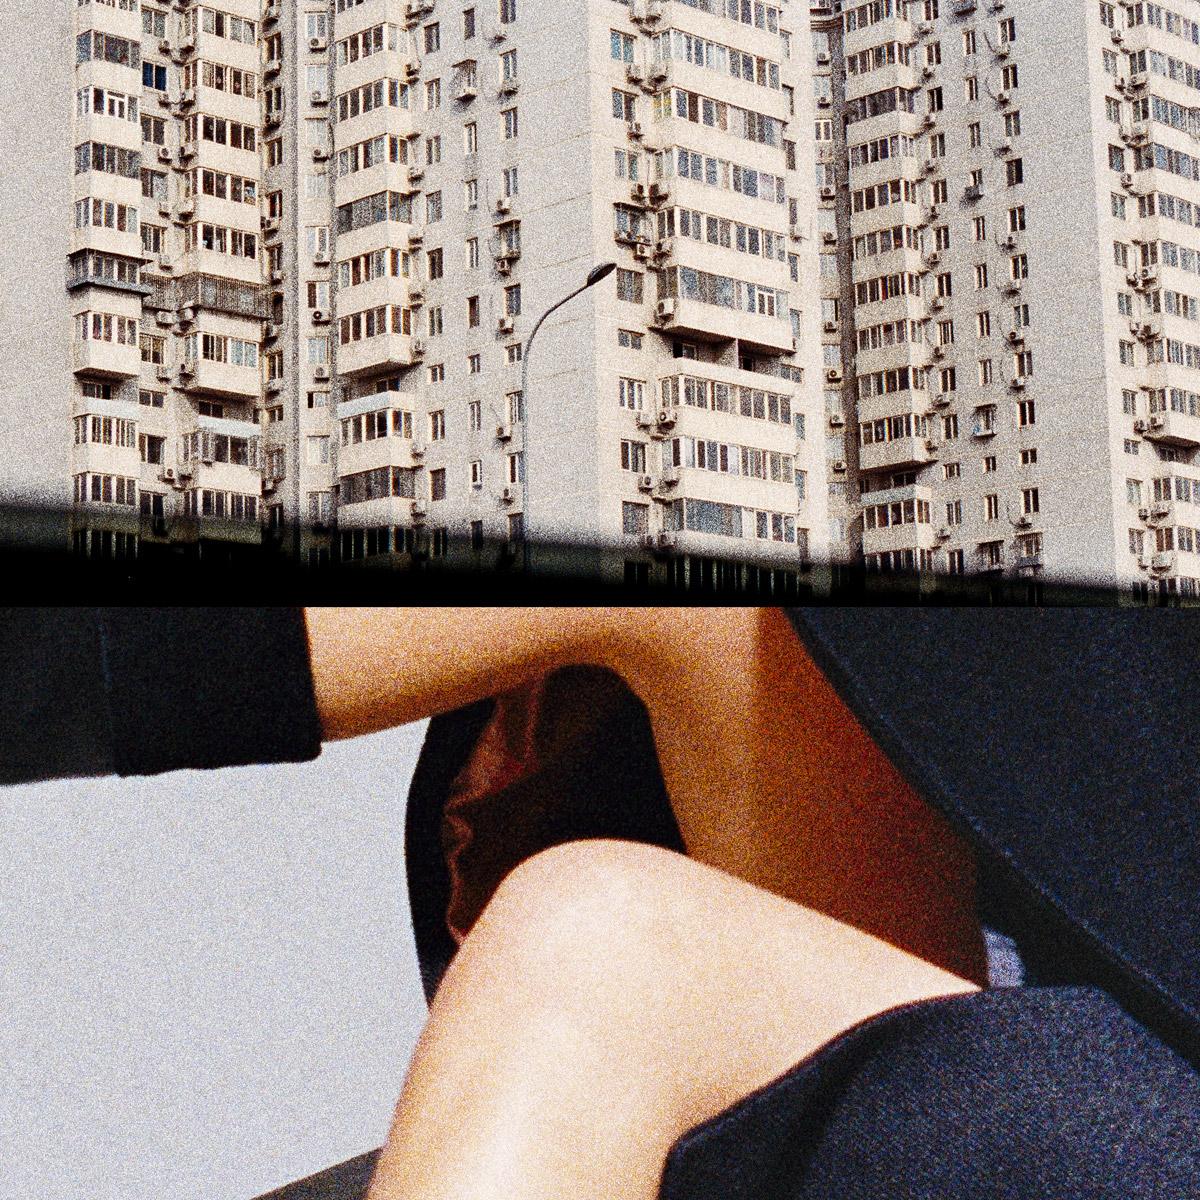 Axel-Morin-photography-6.jpg